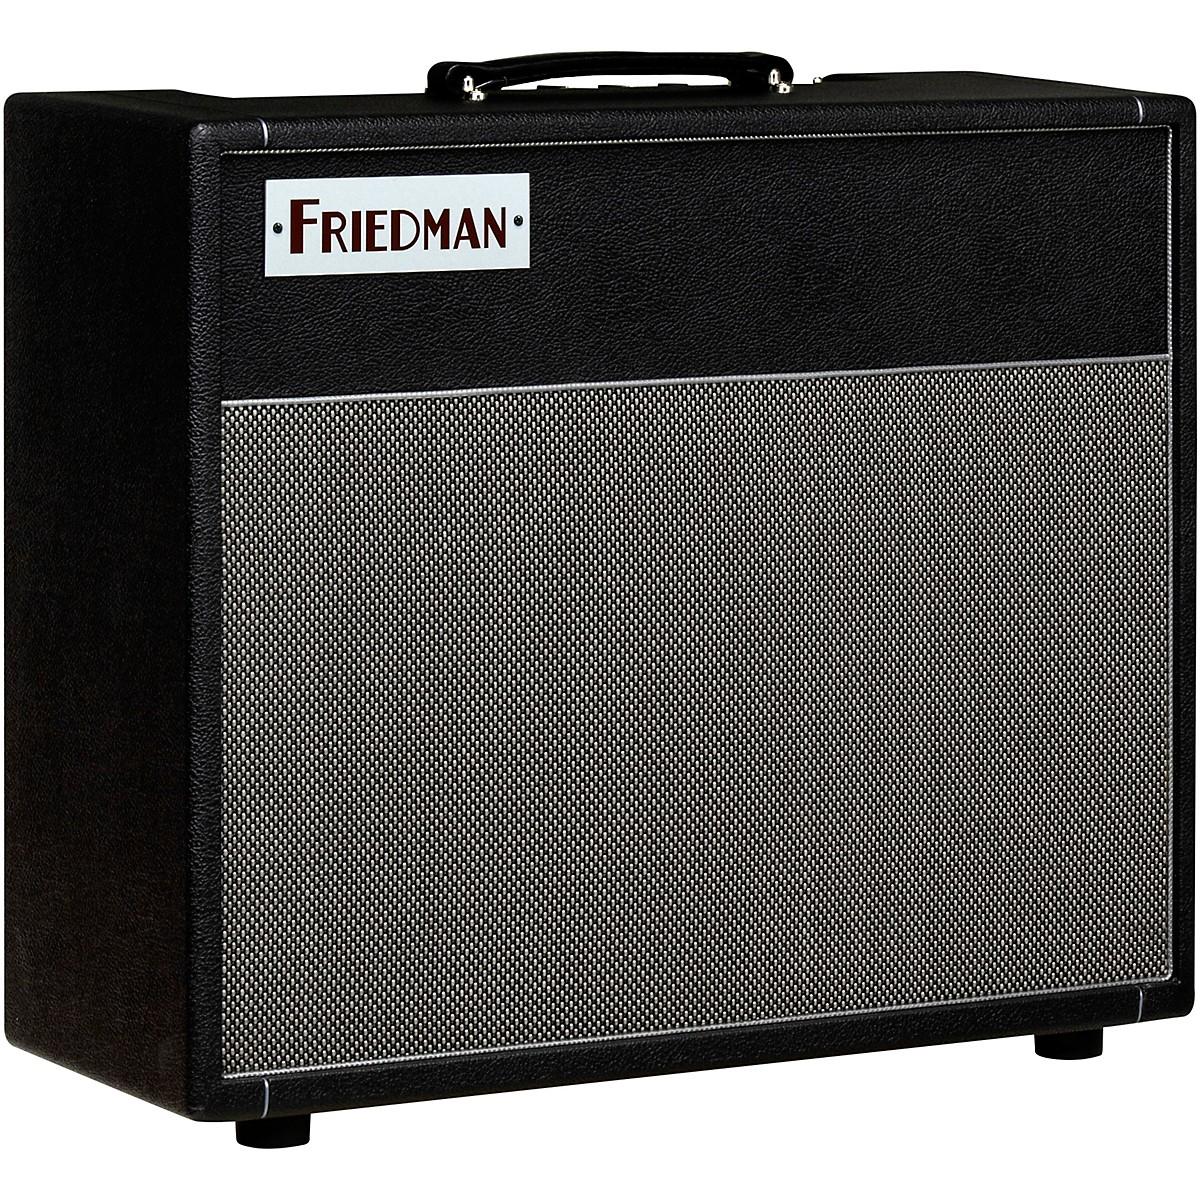 Friedman TWIN SISTER COMBO 2 Channel - 40 Watt 1x12